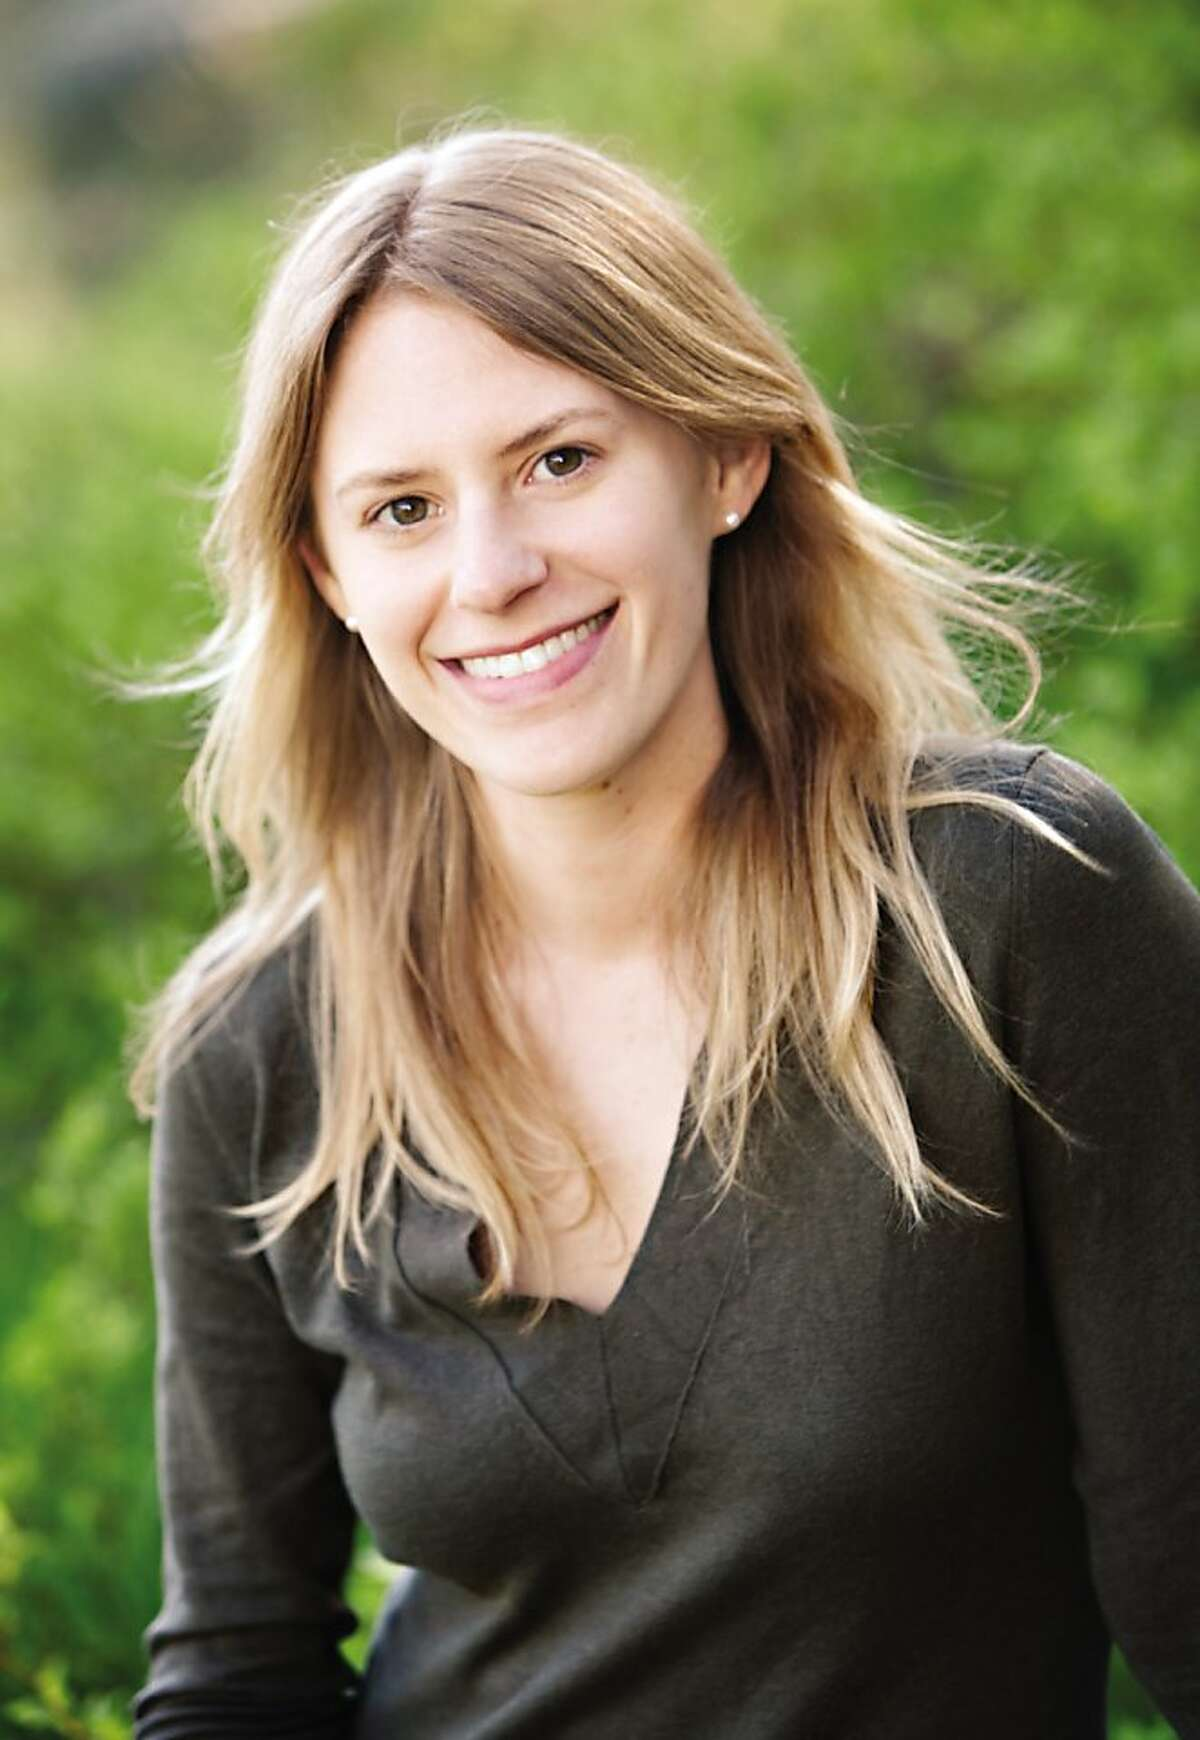 Lily Raff McCaulou